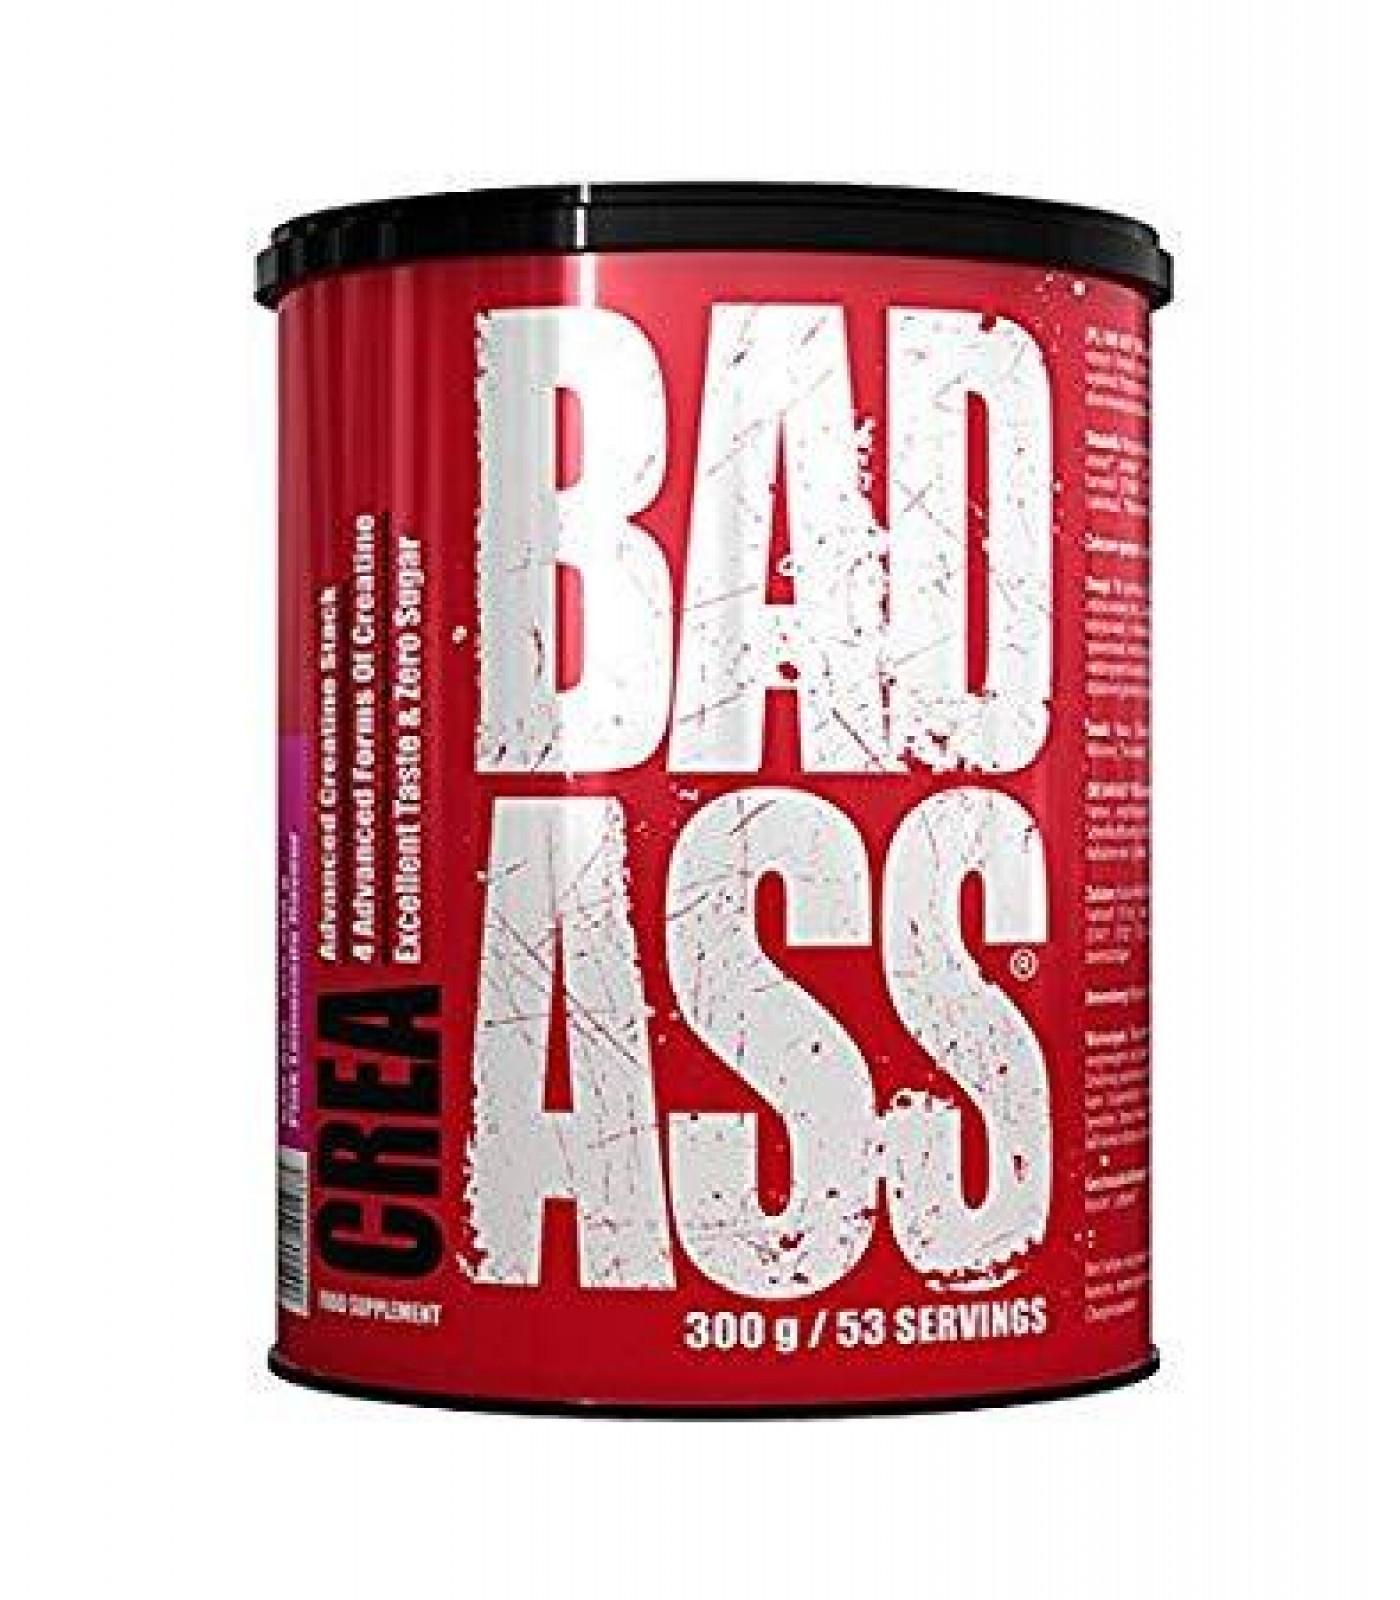 BAD ASS - BAD ASS / Crea